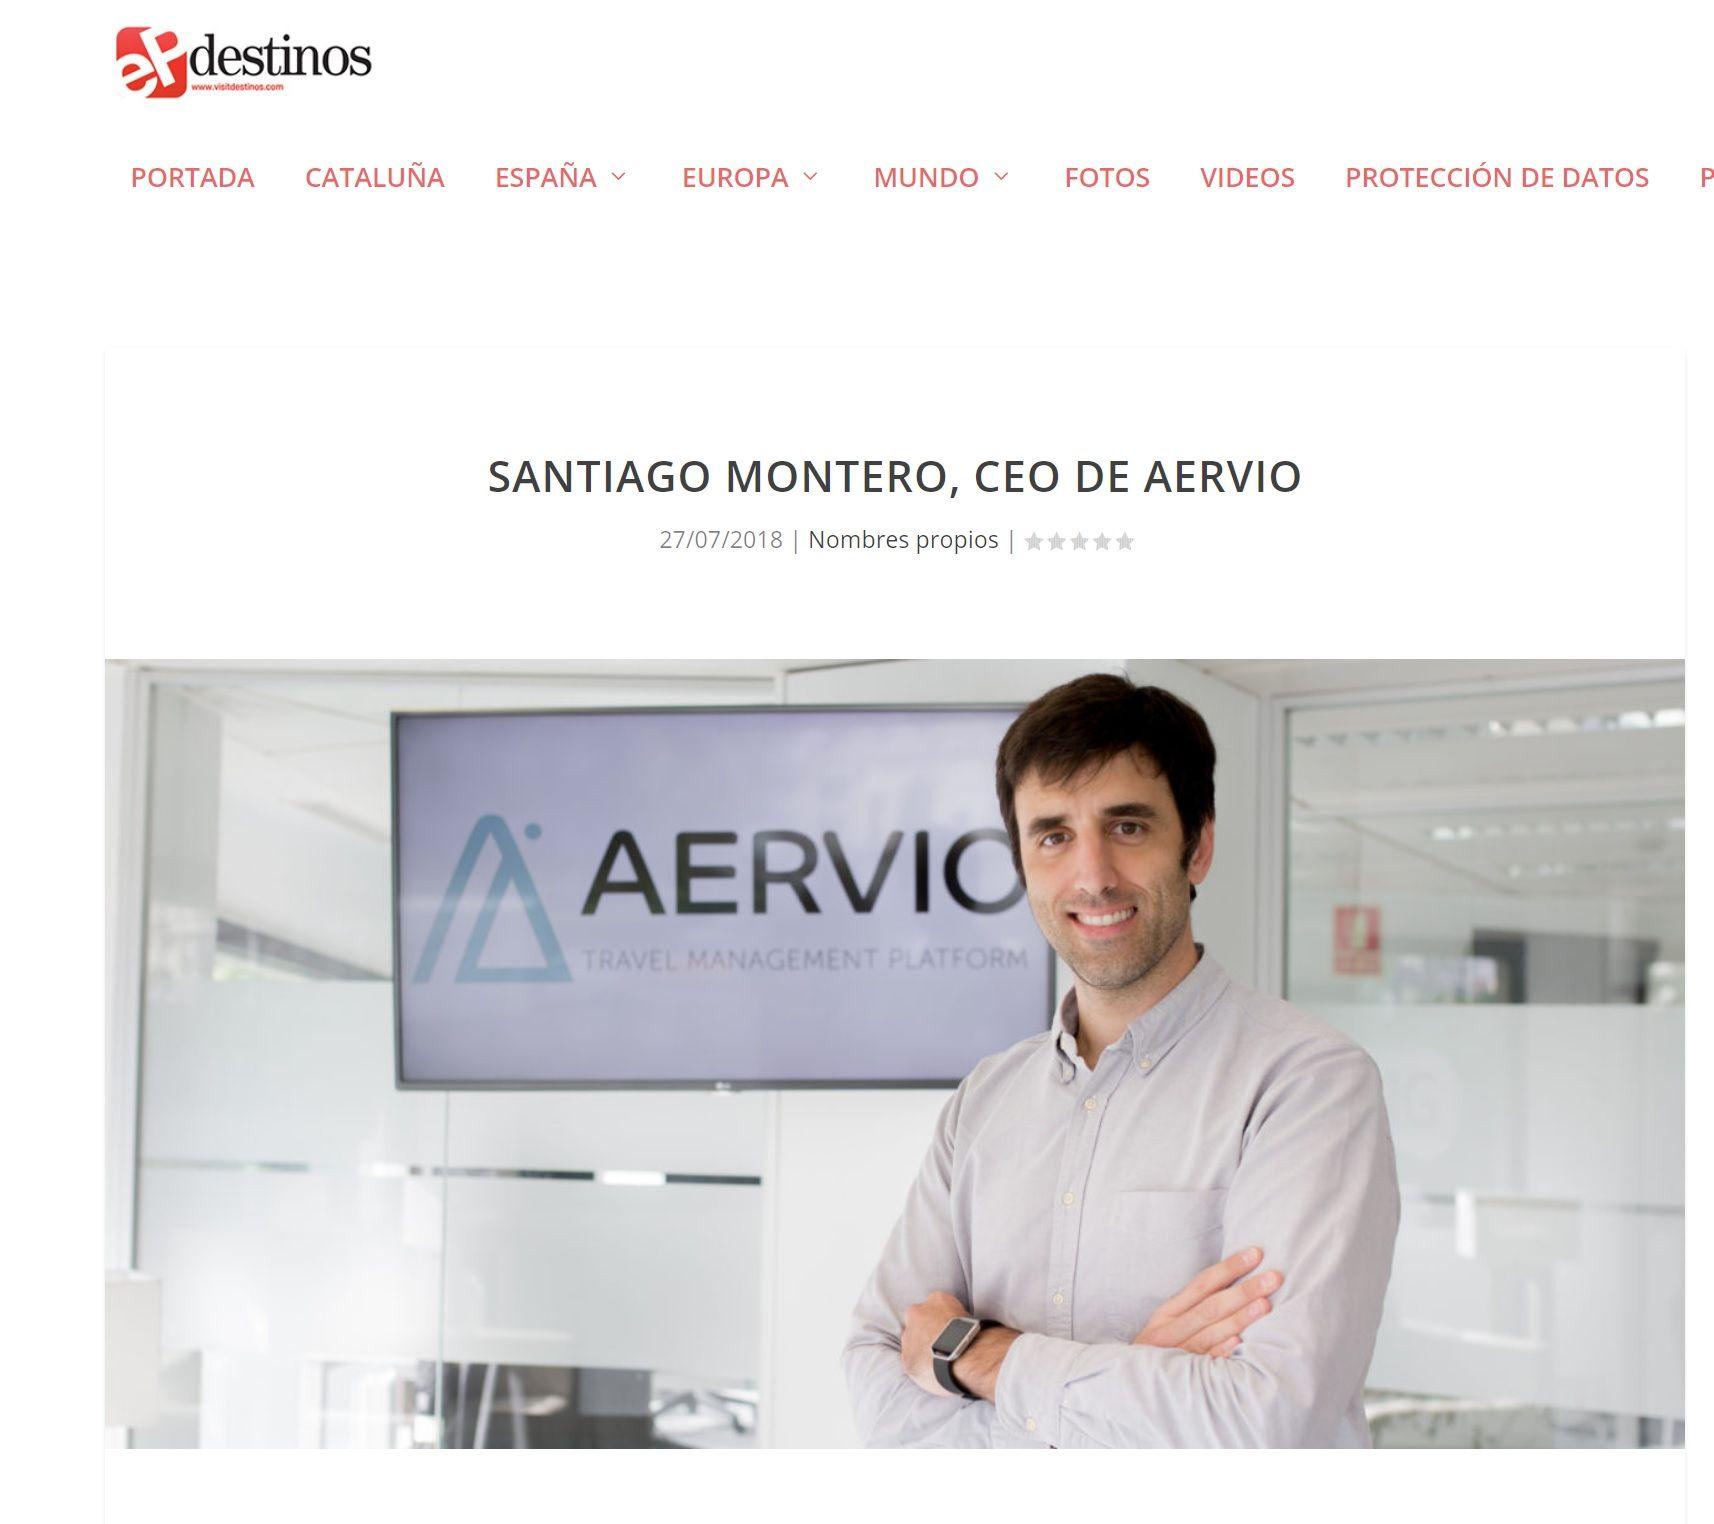 https://whiterabbit.es/wp-content/uploads/2018/07/Santiago-Montero_Periodico.jpg